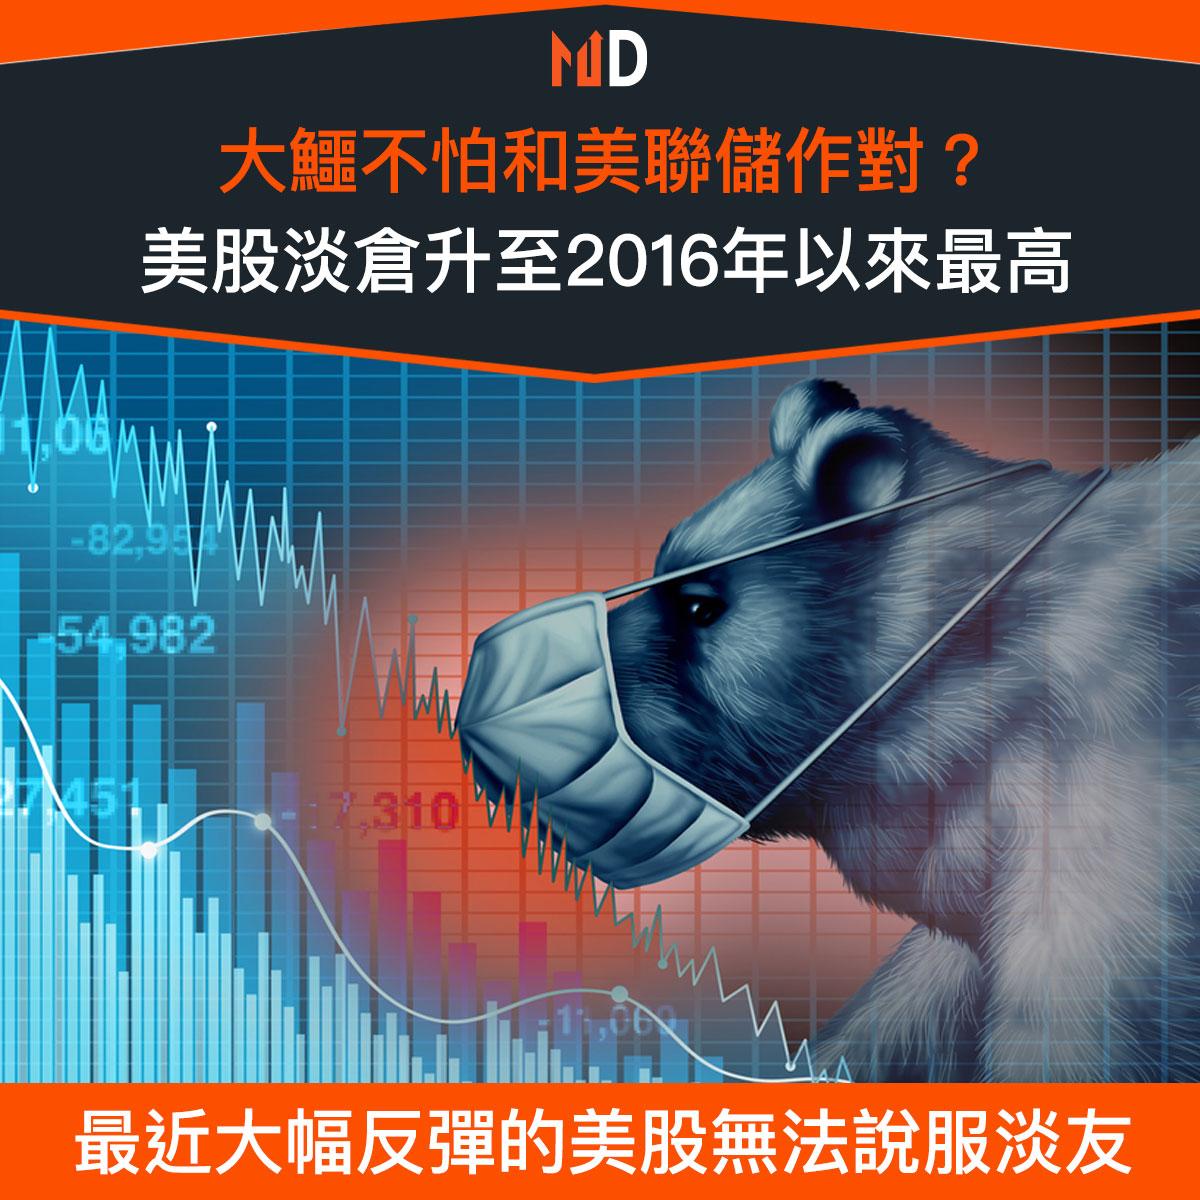 【市場熱話】大鱷不怕和美聯儲作對?美股淡倉升至2016年以來最高